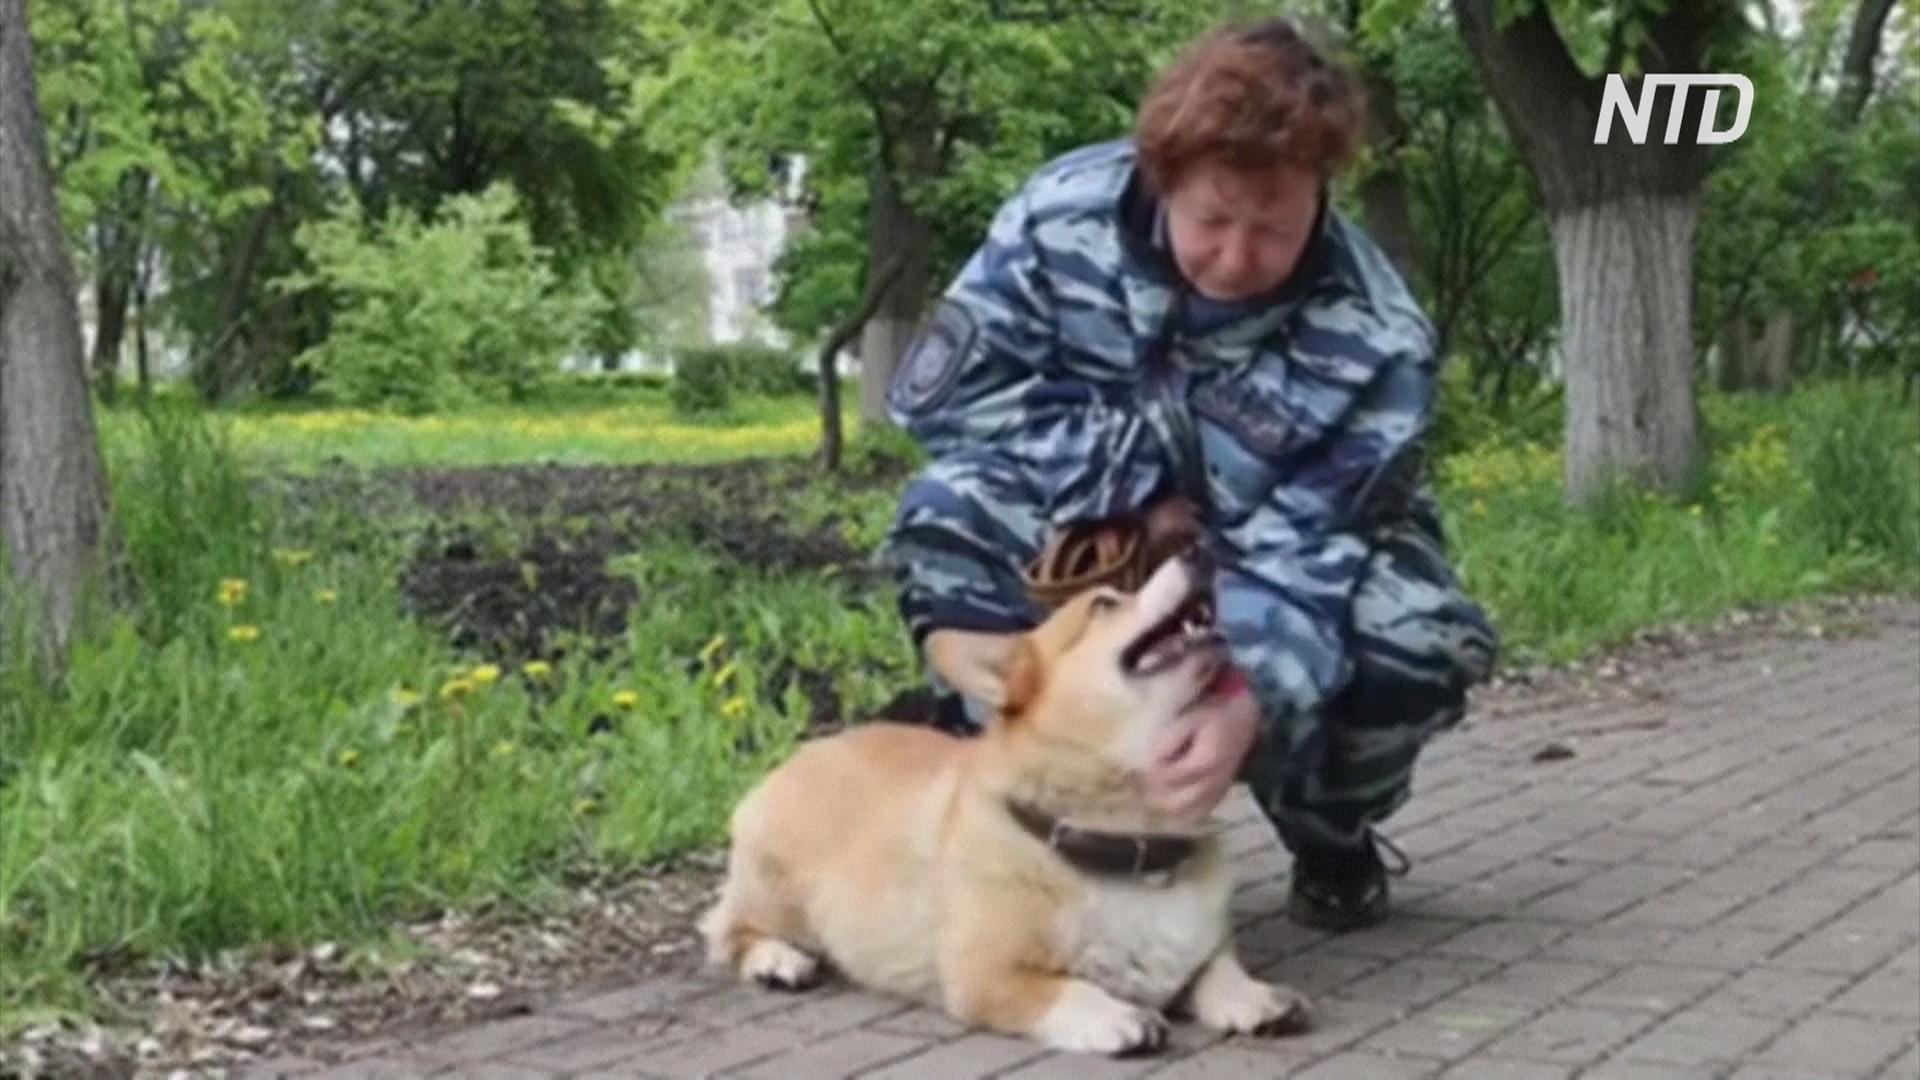 Нижегородский корги-полицейский отслужил семь лет и вышел на пенсию